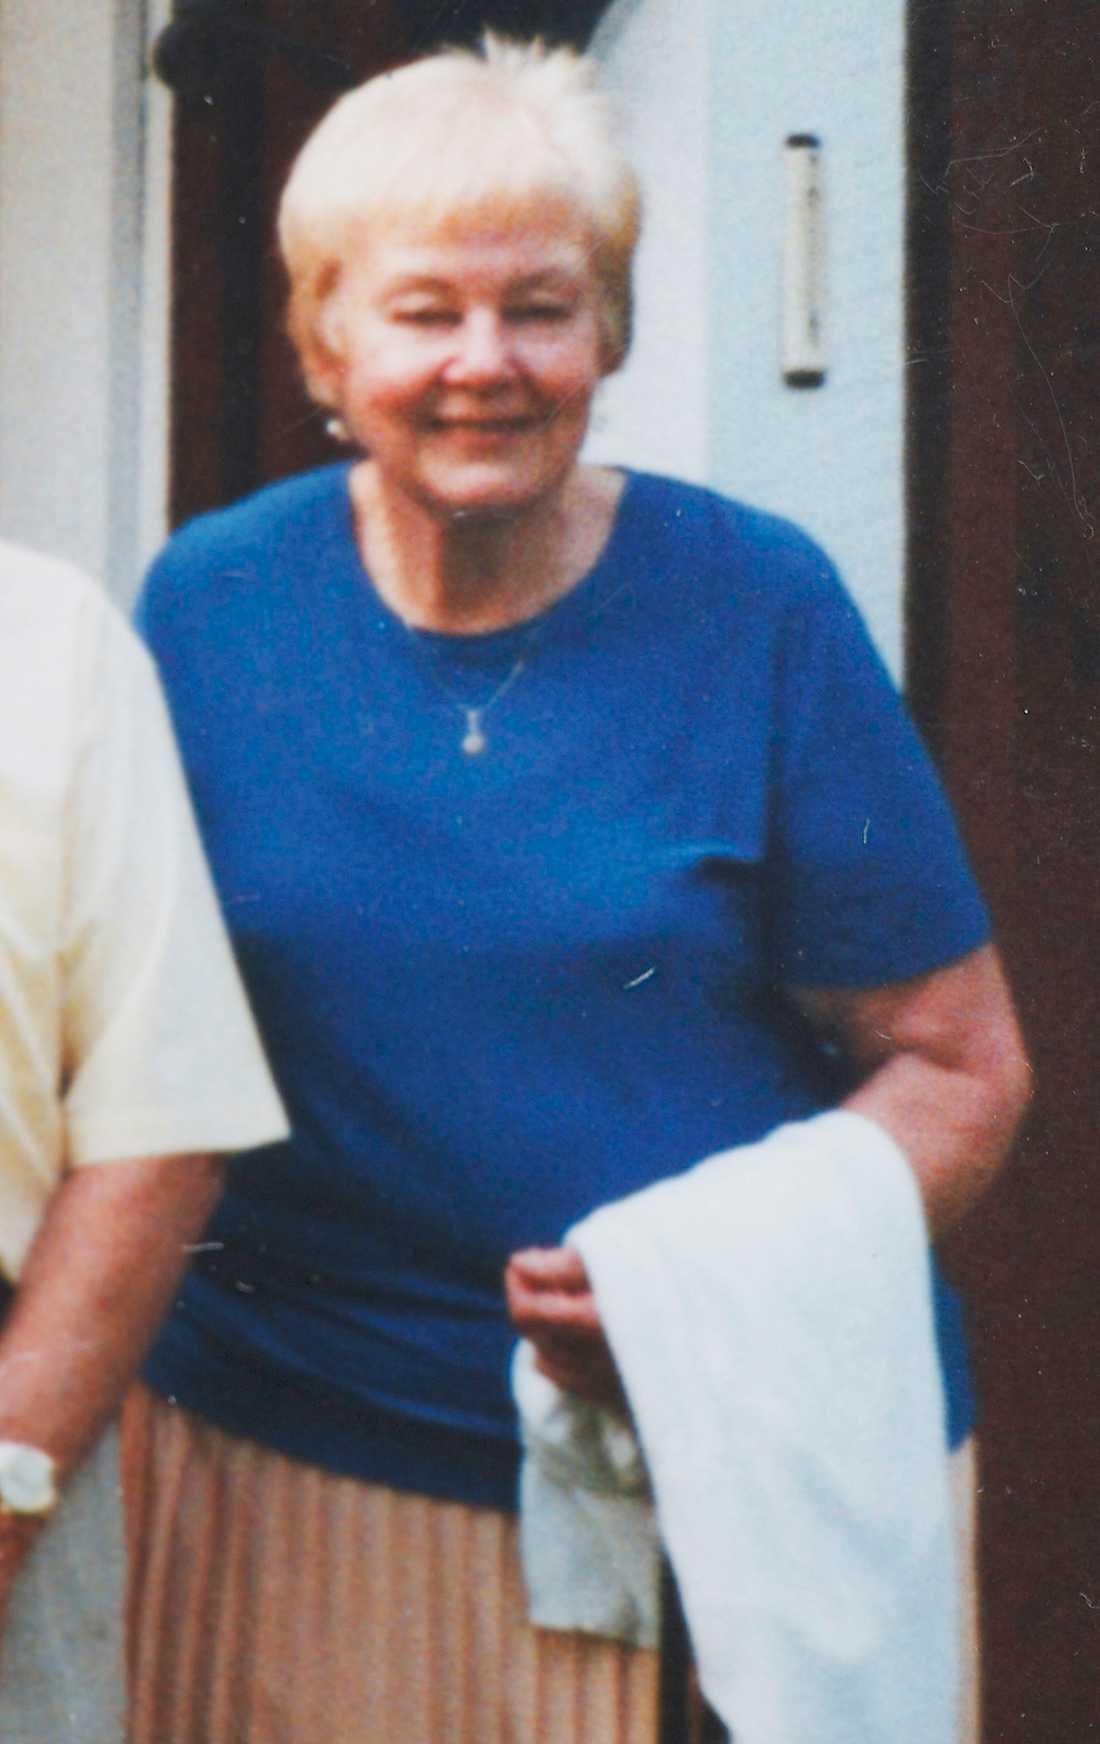 EN TROGEN TITTARE Till sina vänner hade Elvey Sundquist sagt att hon skulle testamentera sin kvarlåtenskap till Djurens vänner. Men året före sin död ändrade hon sitt testamente – och gav halva arvet till Kanal 10.